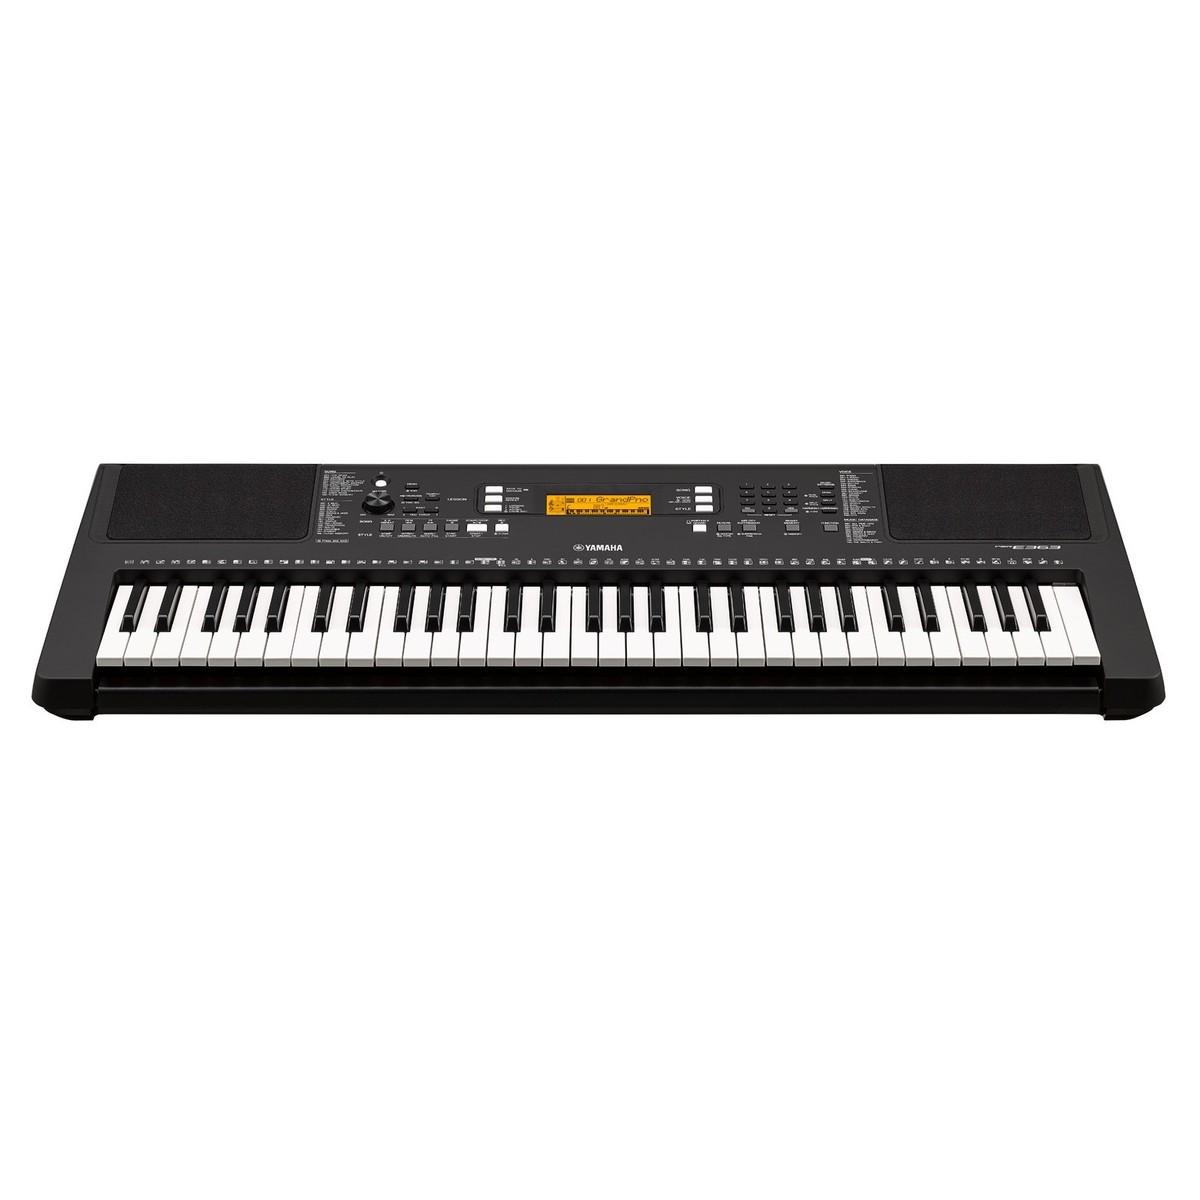 Yamaha psr e363 portable keyboard at for Yamaha psr e363